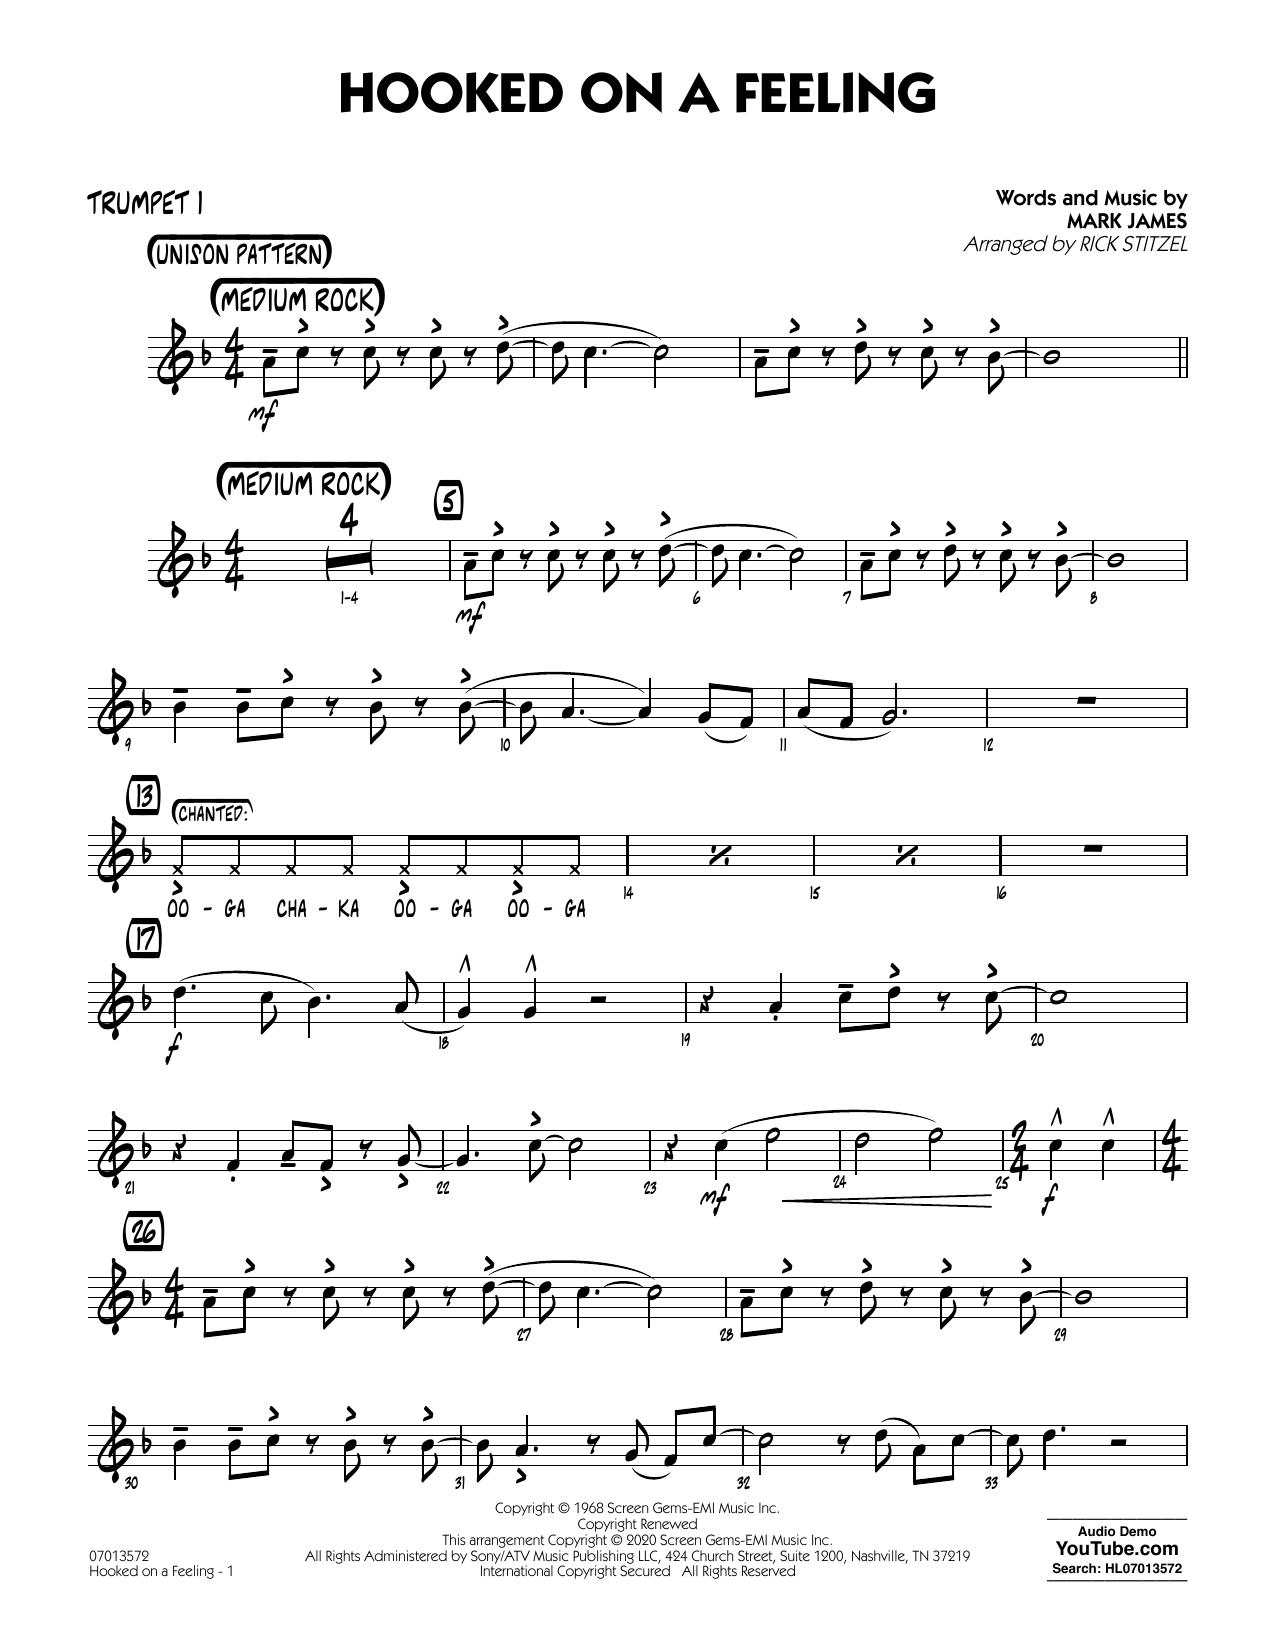 Hooked On A Feeling (arr. Rick Stitzel) - Trumpet 1 (Jazz Ensemble)